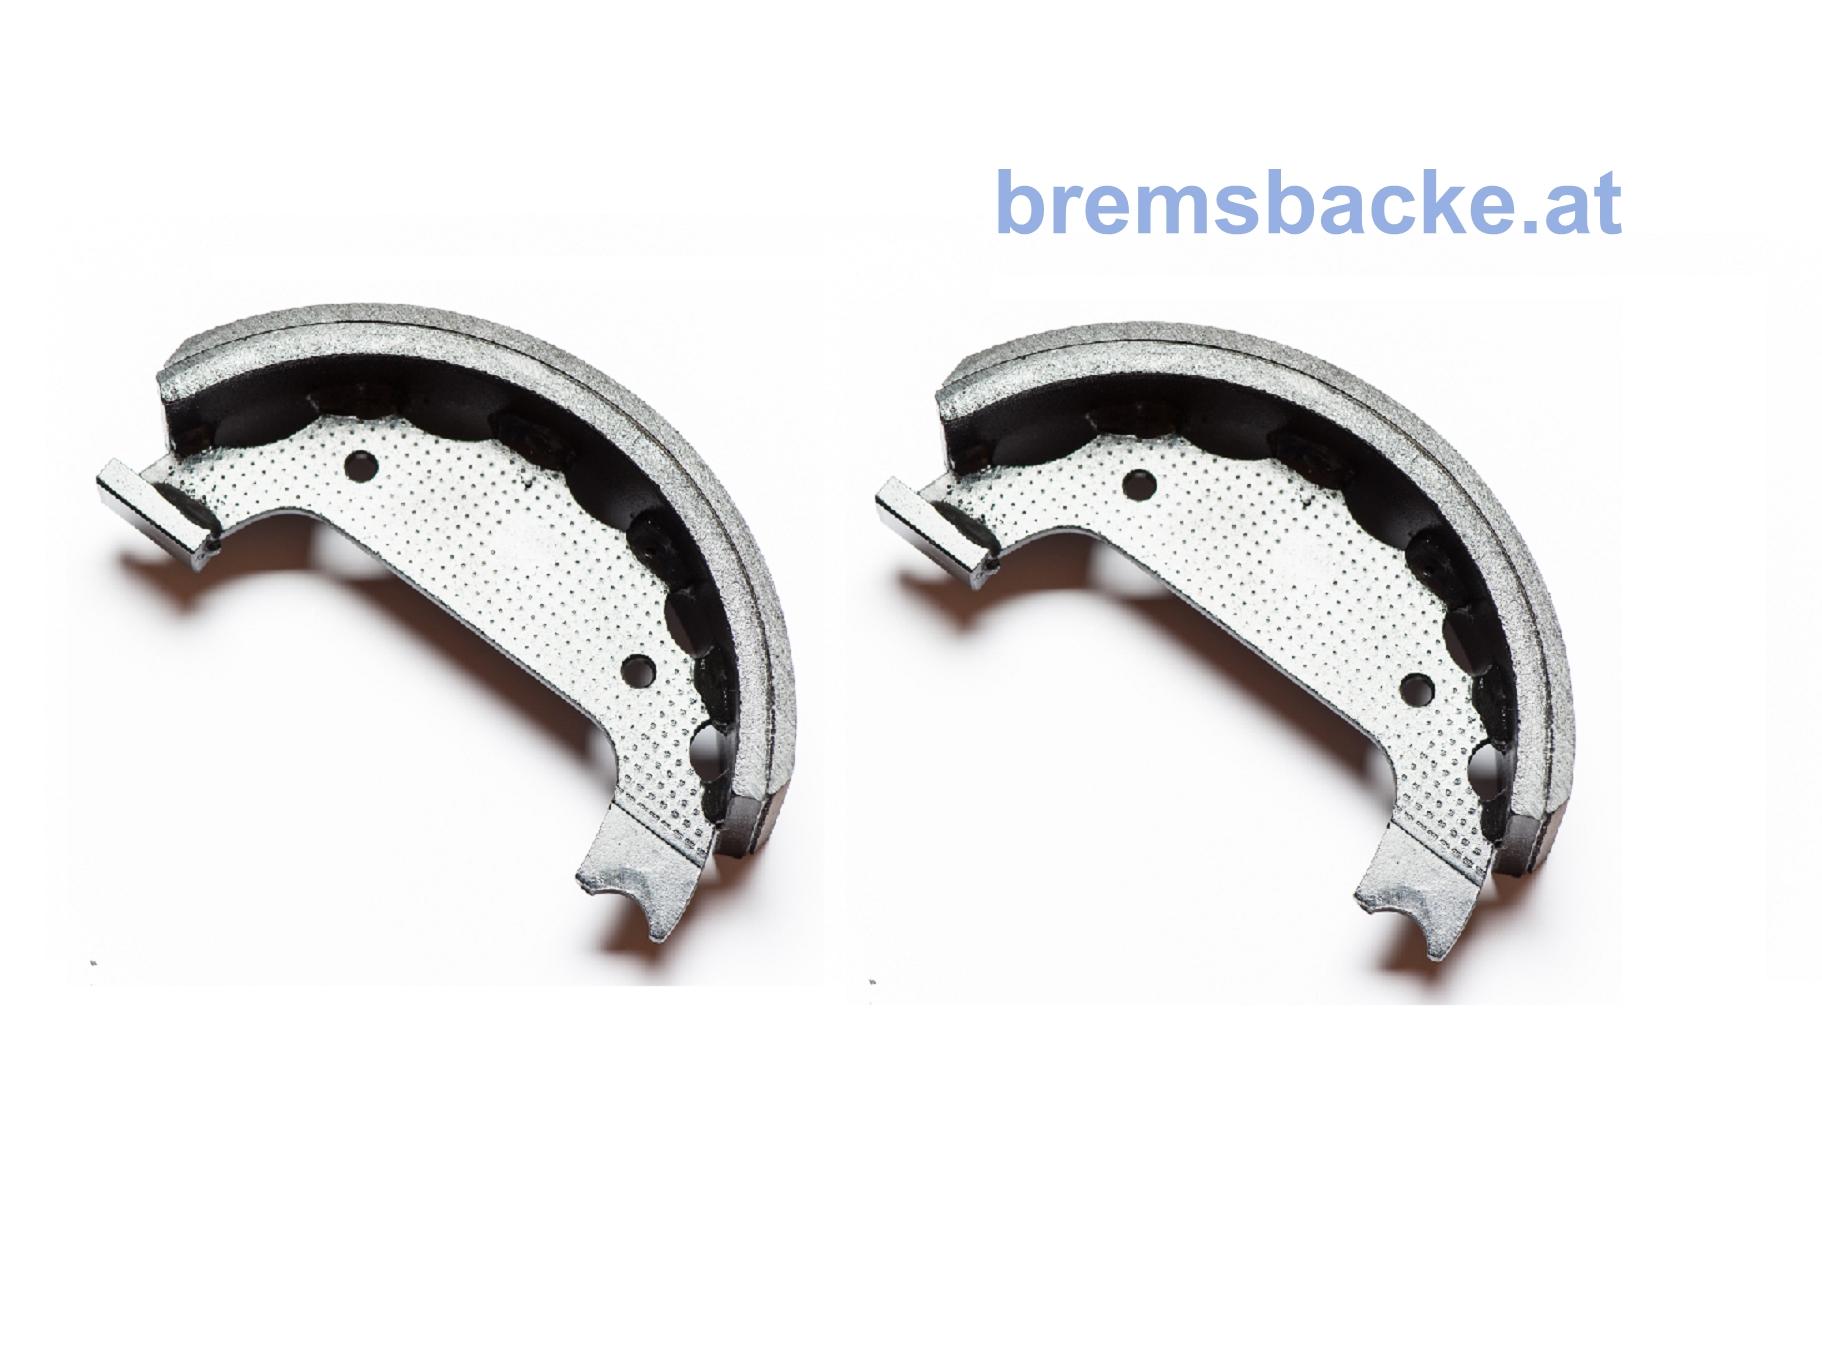 www.bremsbacke.at